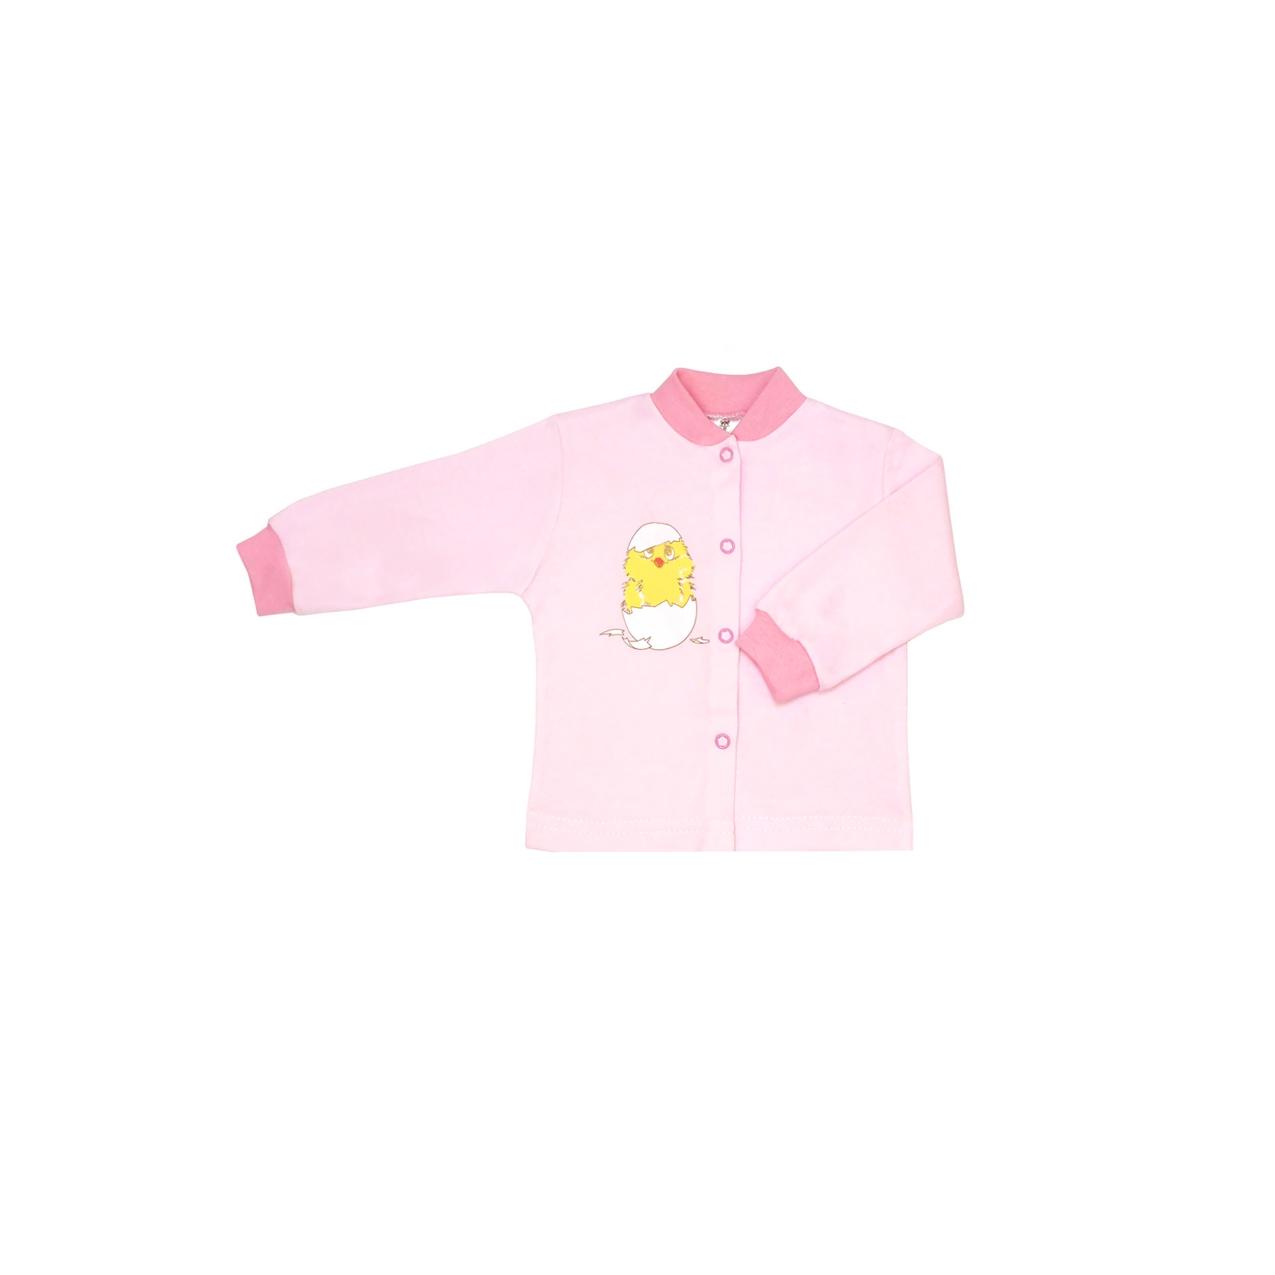 Кофточка КОТМАРКОТ для девочки, цвет розовый, Цыпленок 1-3 мес (размер 62)<br>